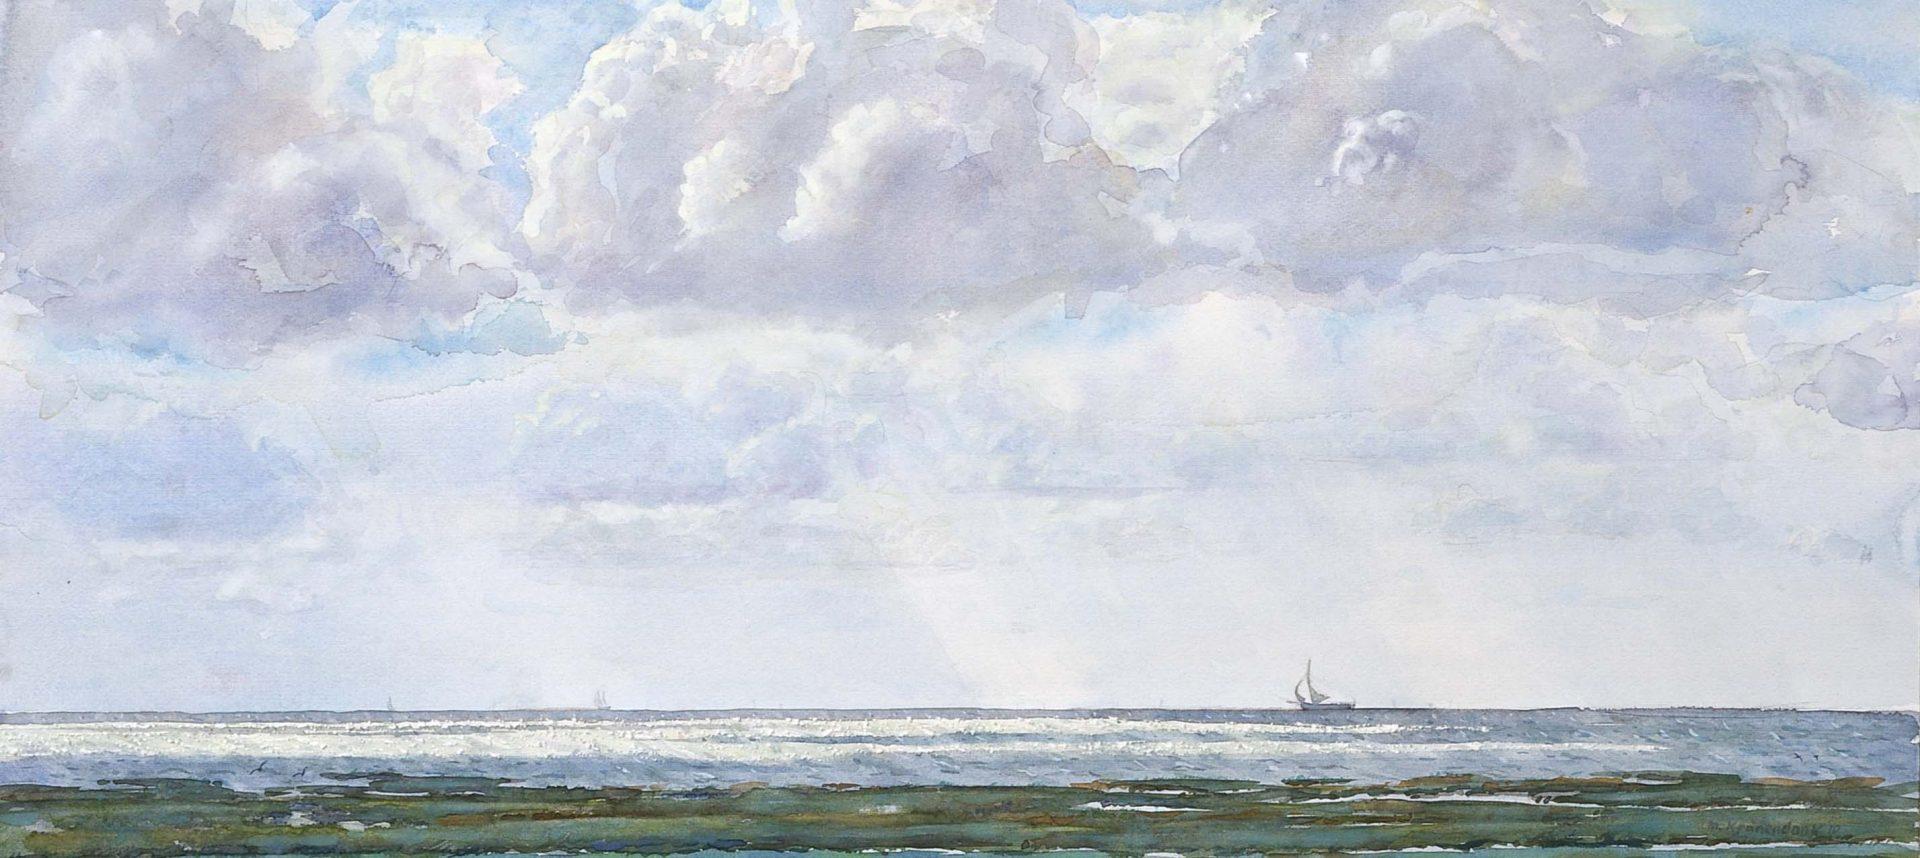 zonlicht op waddenzee bij dijk Terschelling met zeilschepen